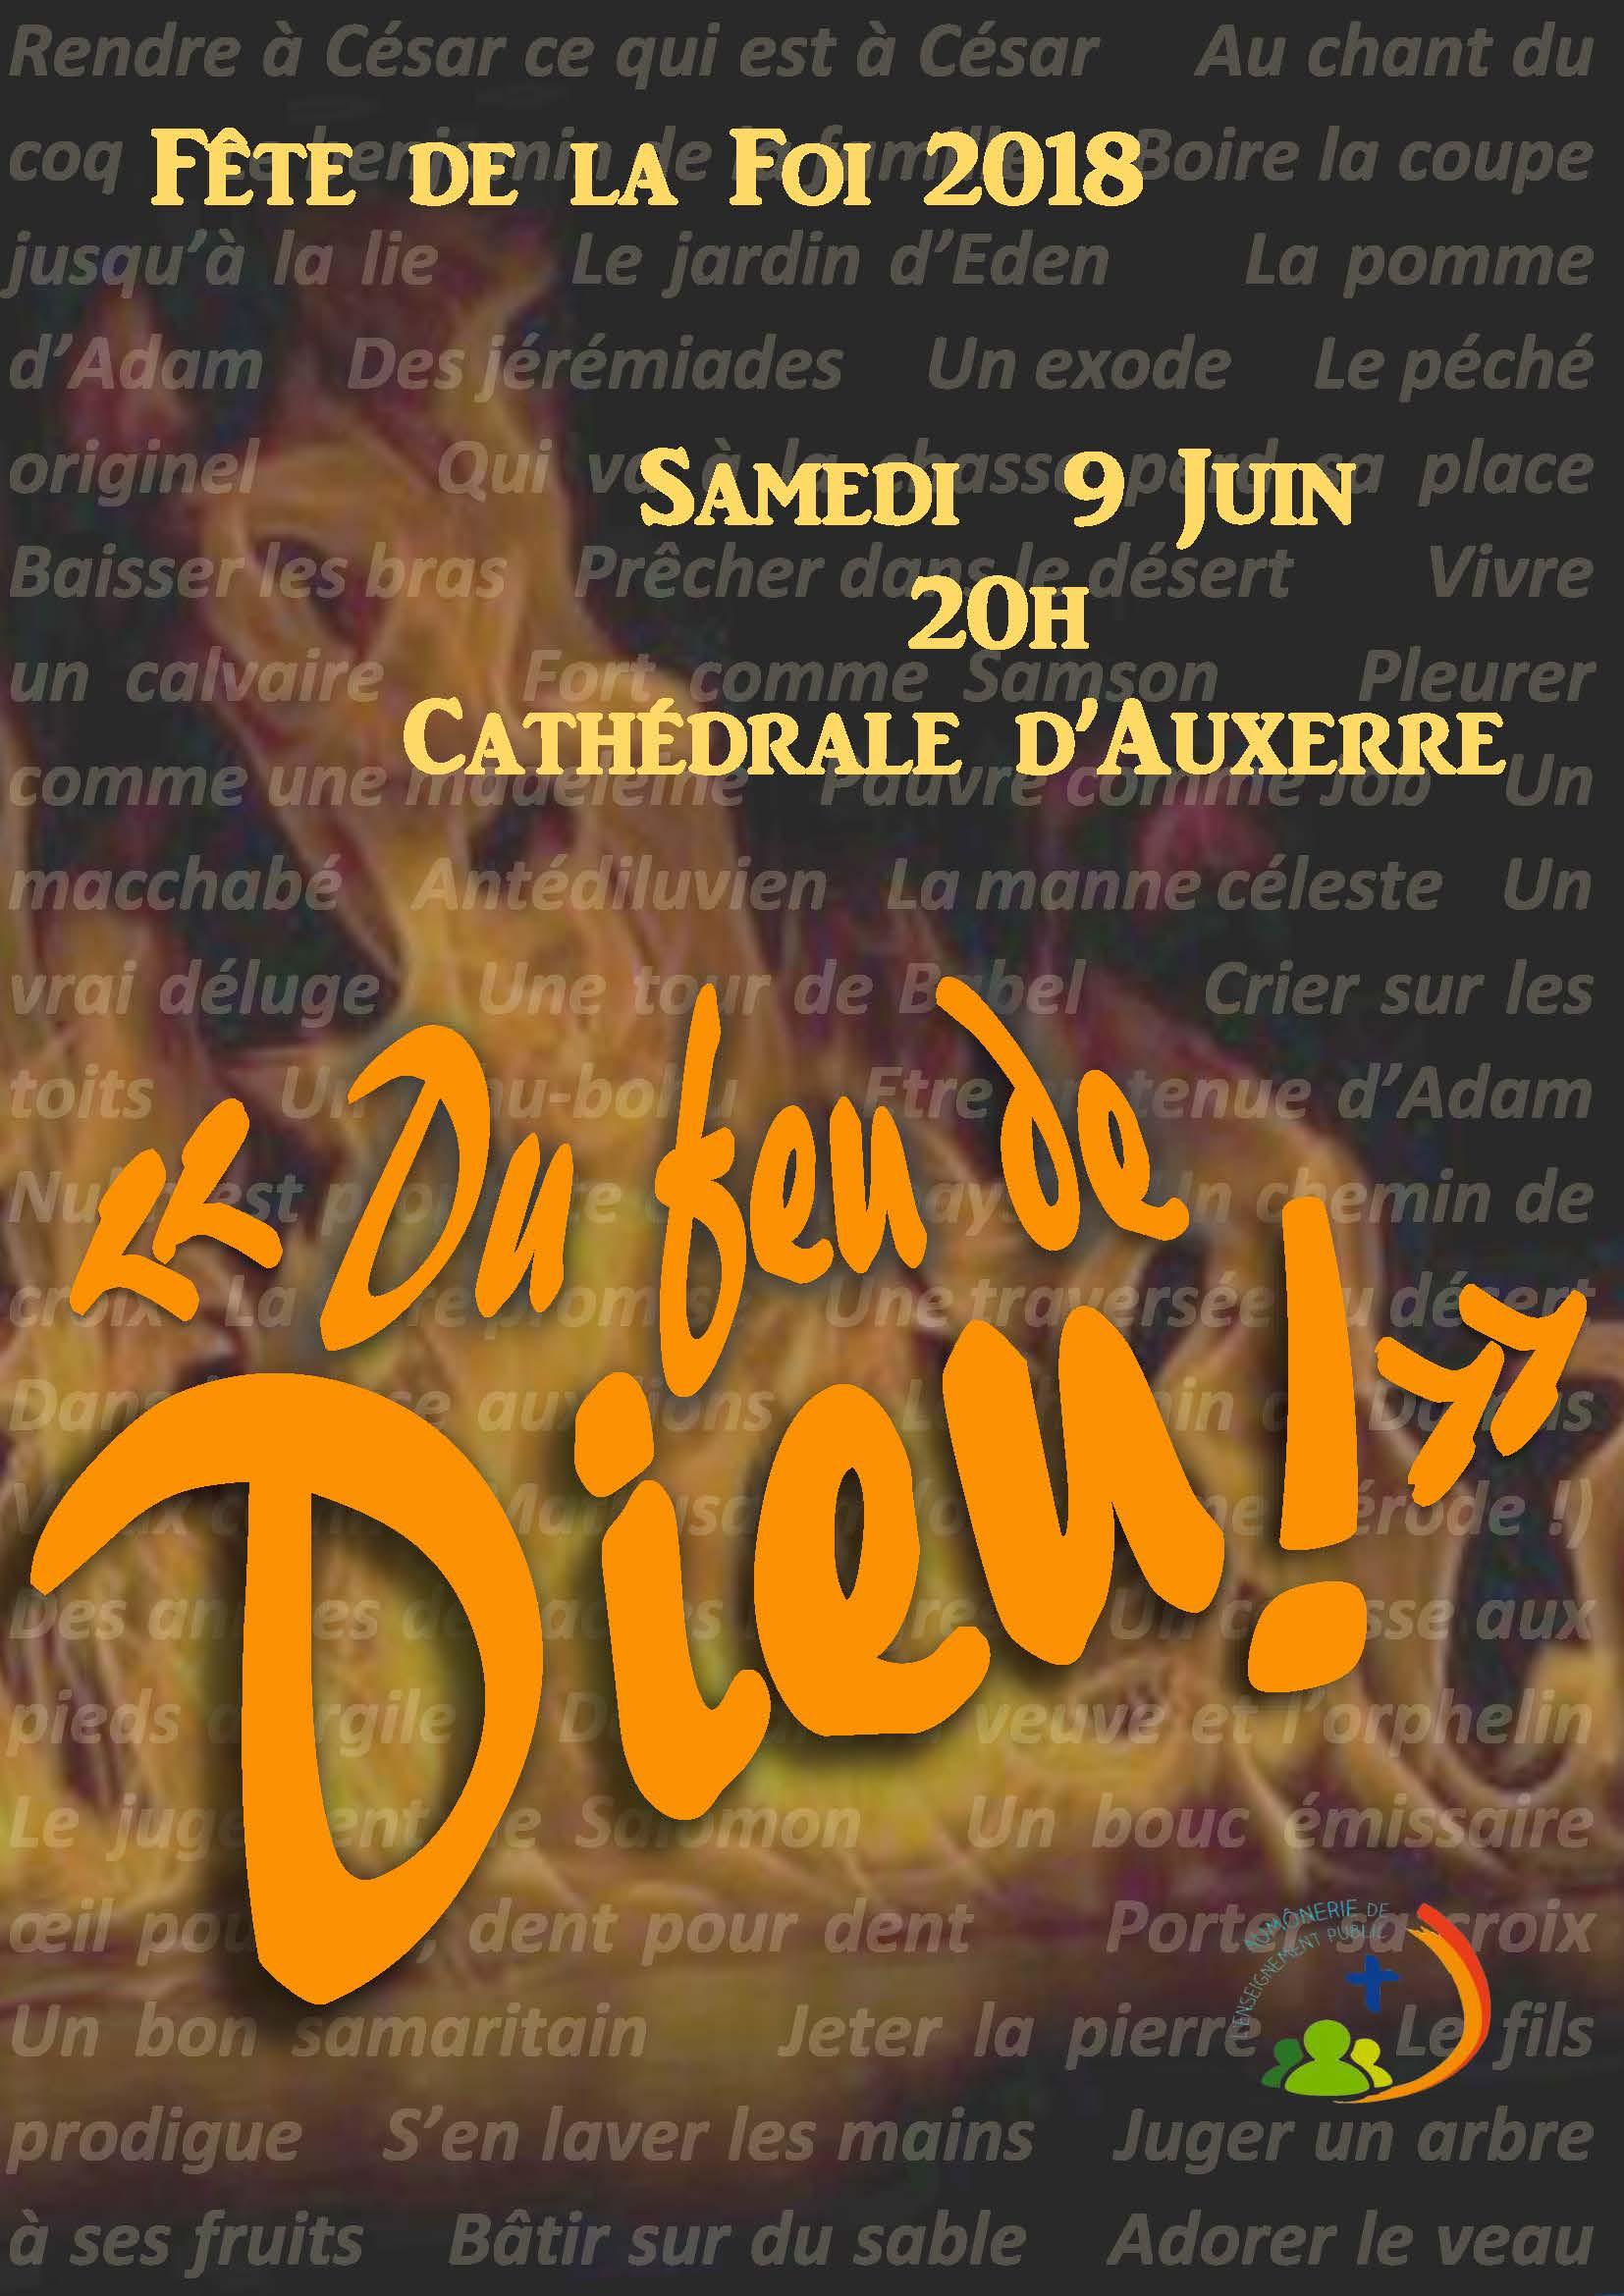 Fête de la Foi le 9 juin 2018 à Auxerre (89)